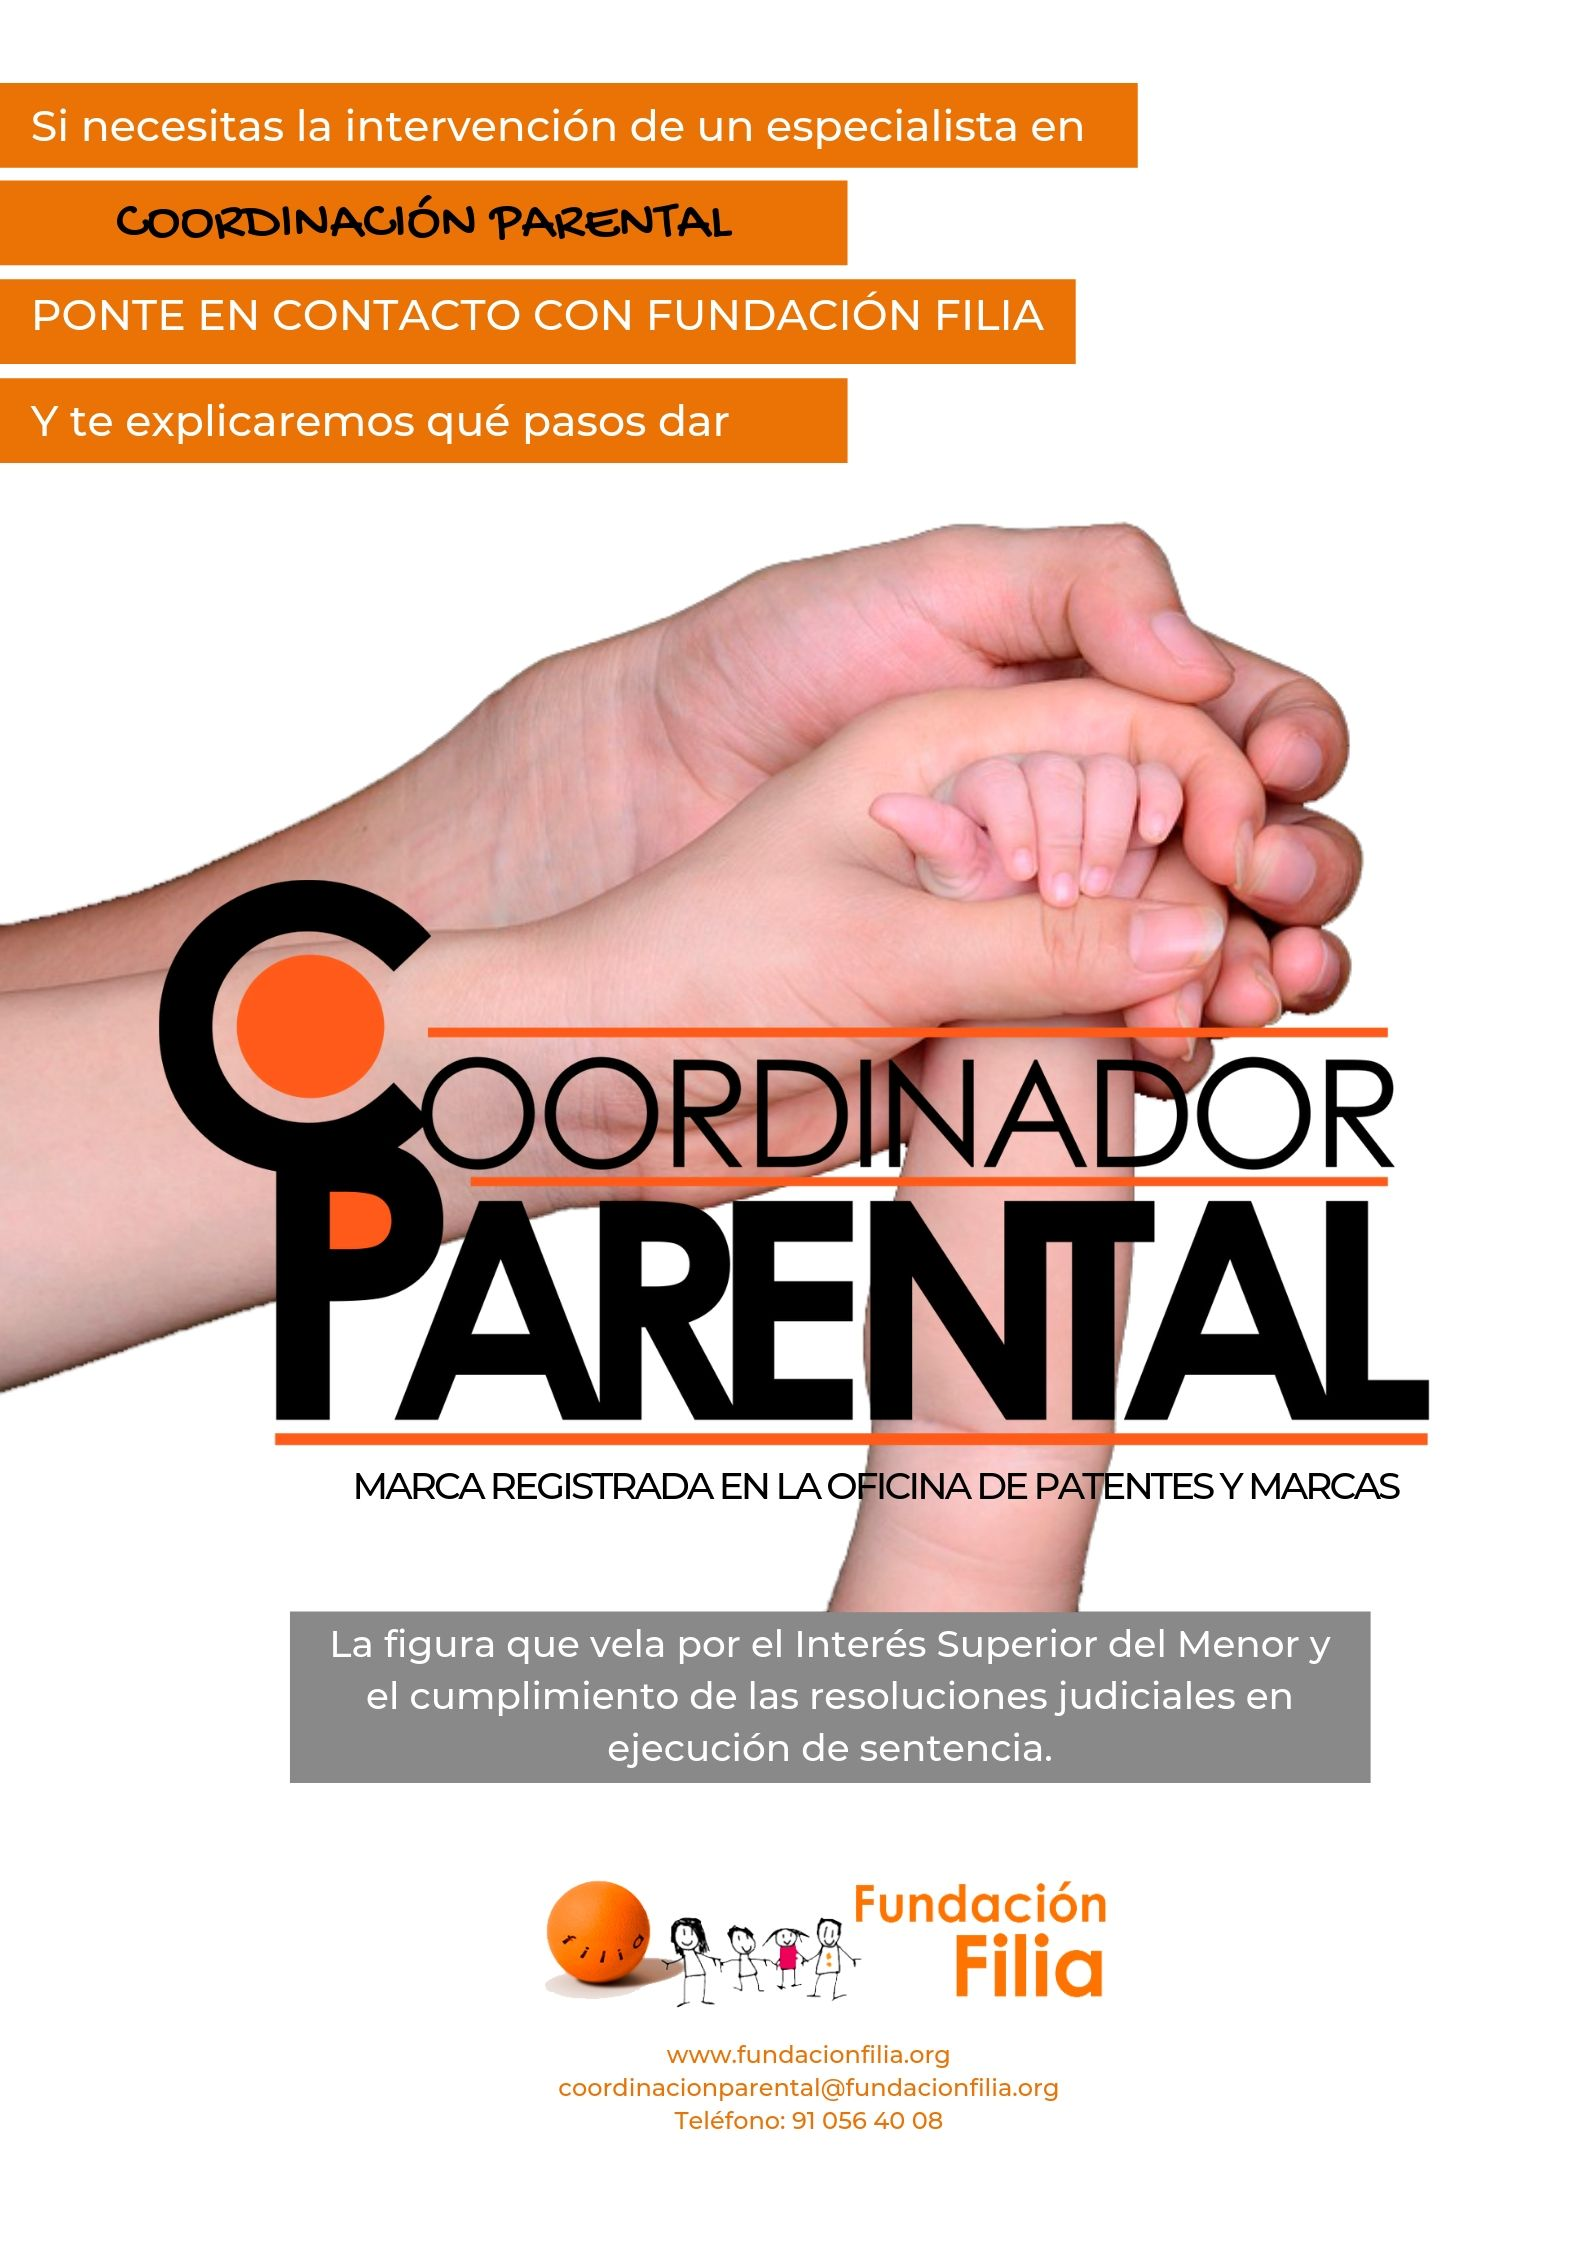 Servicio de Coordinación Parental